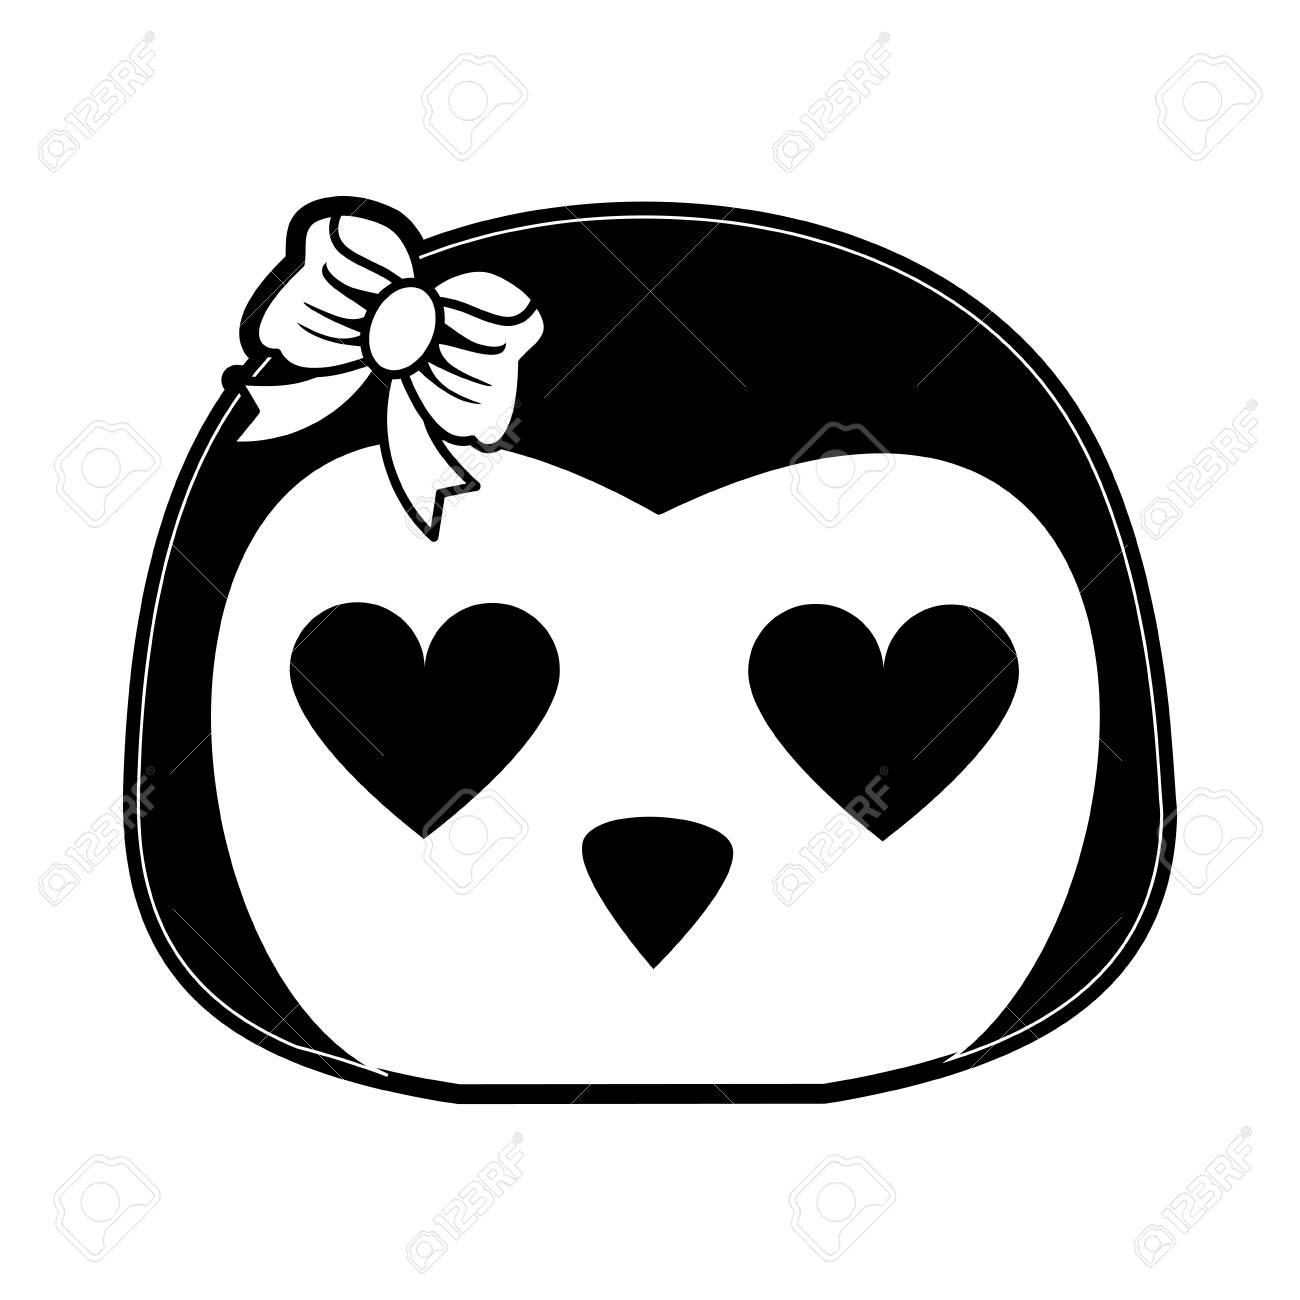 心の目かわいい動物漫画アイコン画像ベクトル イラスト デザイン黒と白の